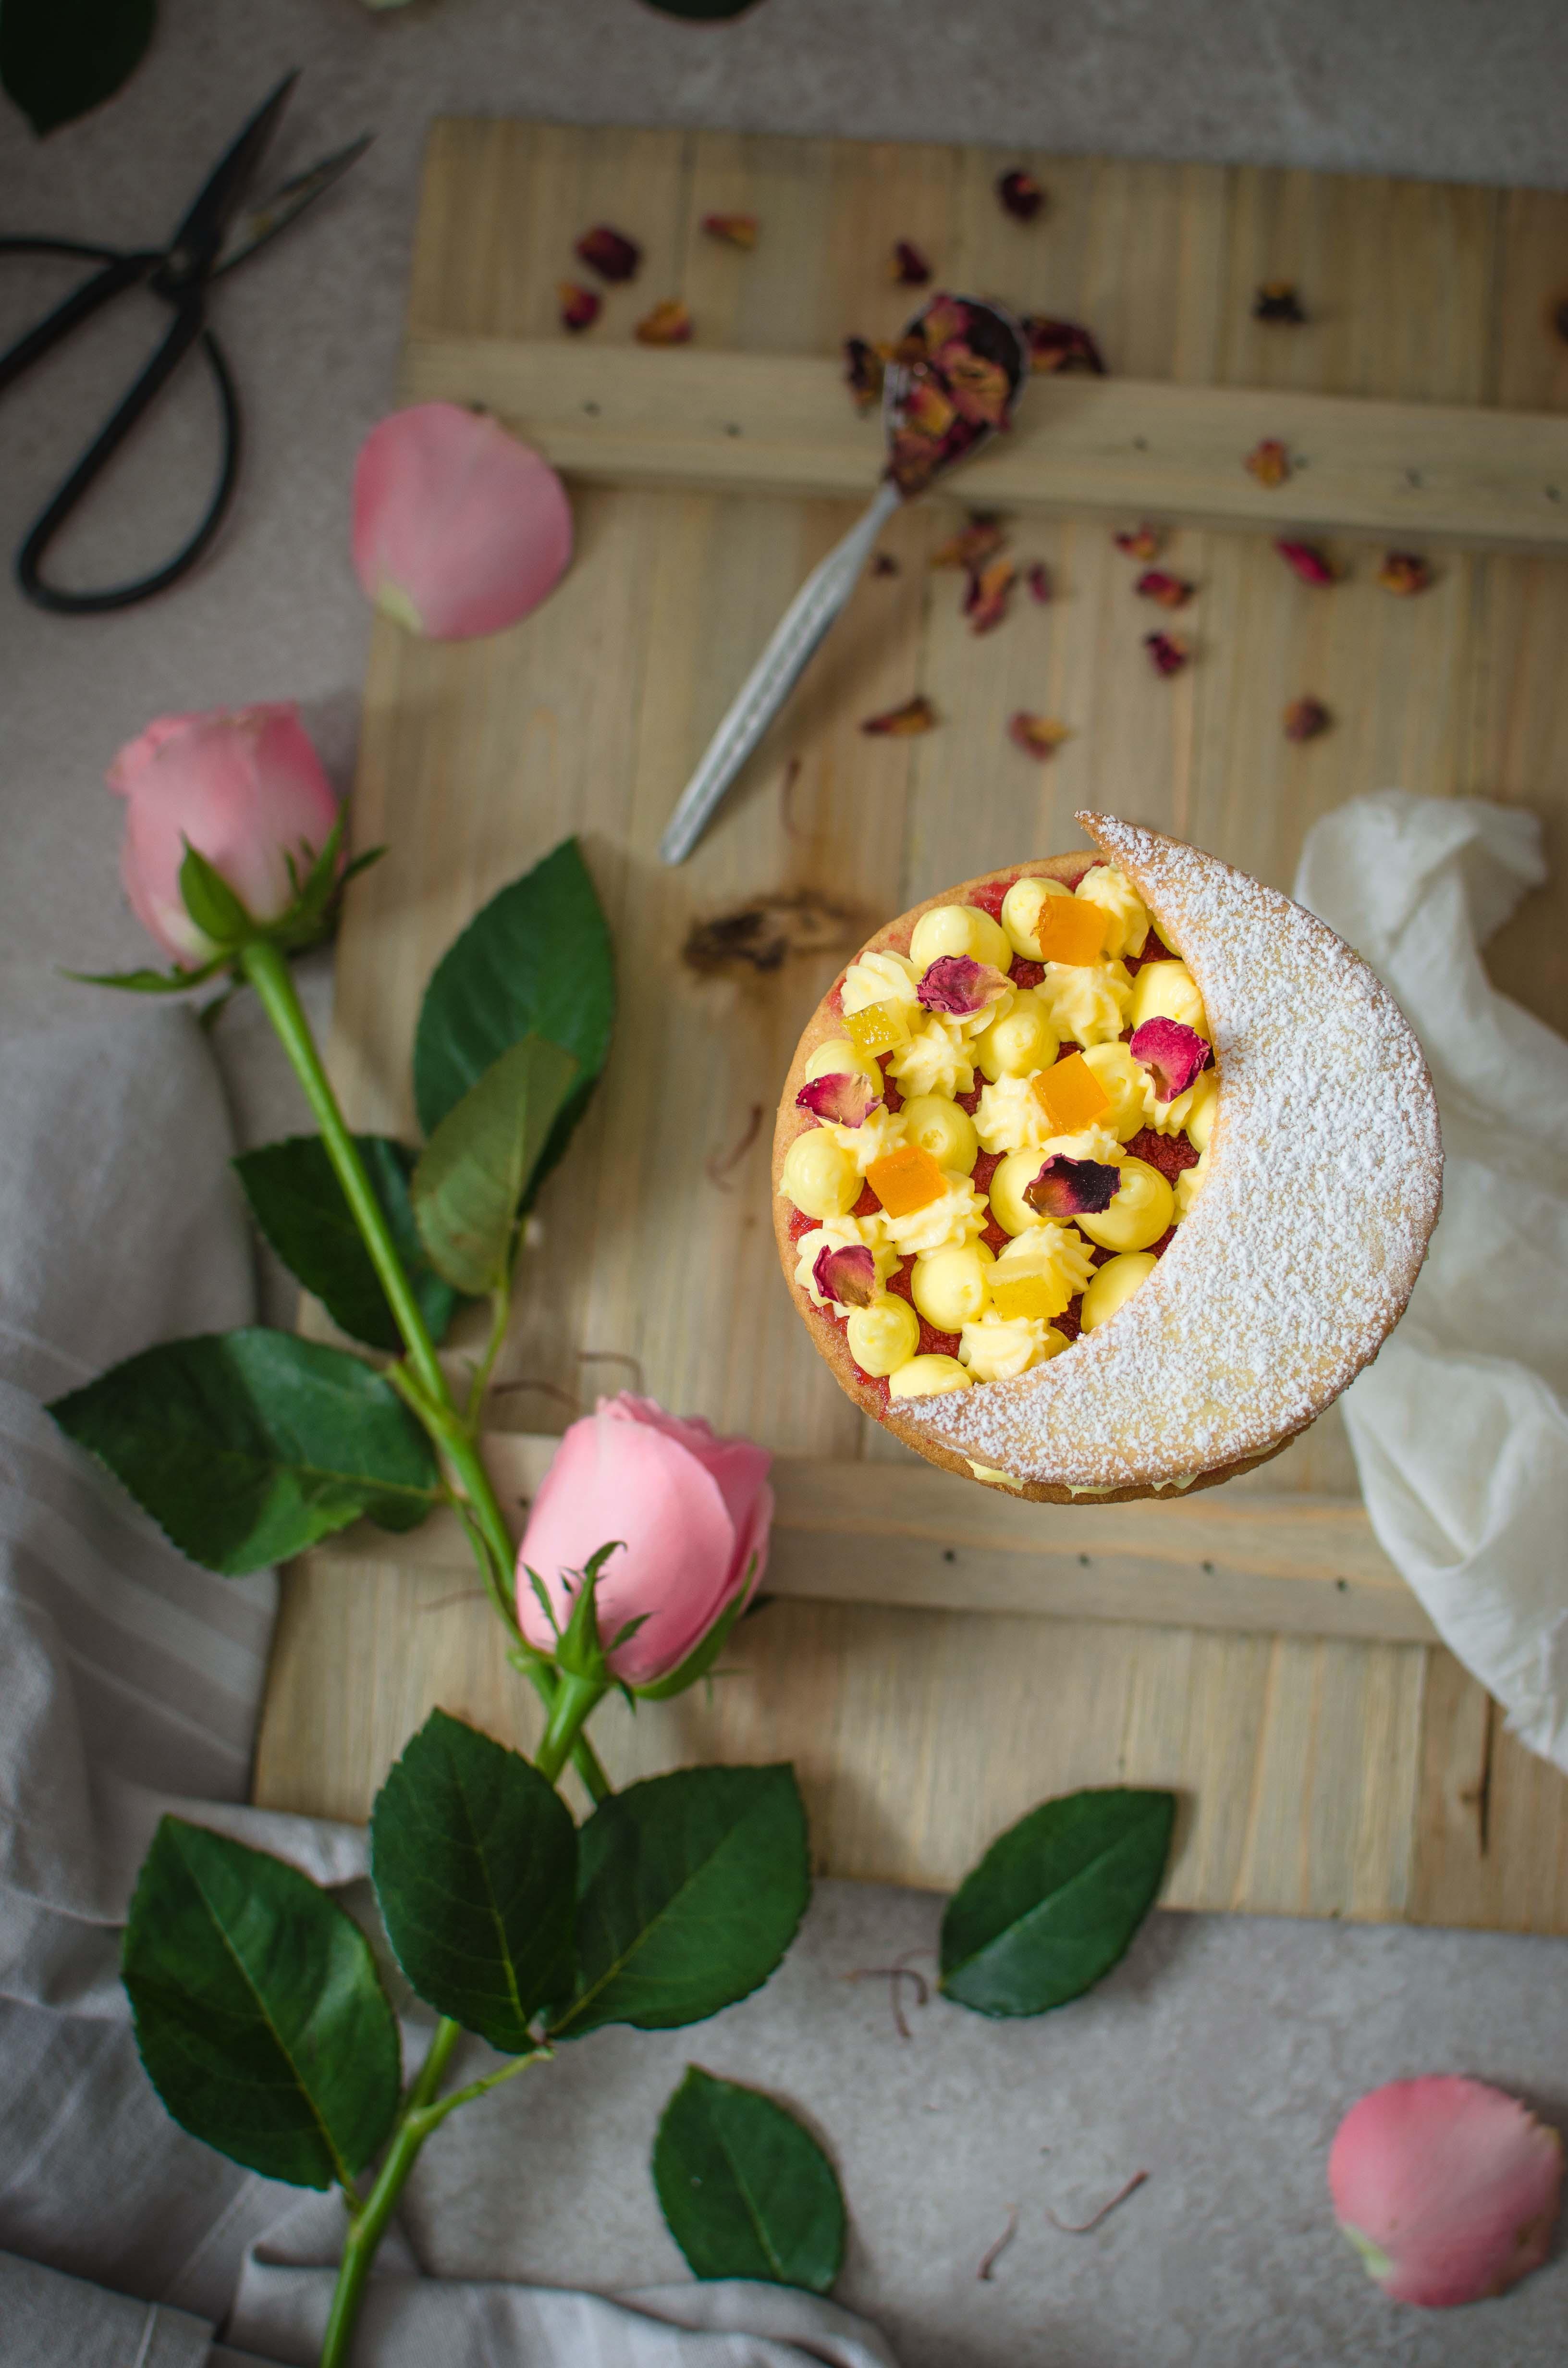 zafferano_agrumi_rosa3 Tartelette zafferano, agrumi e rose